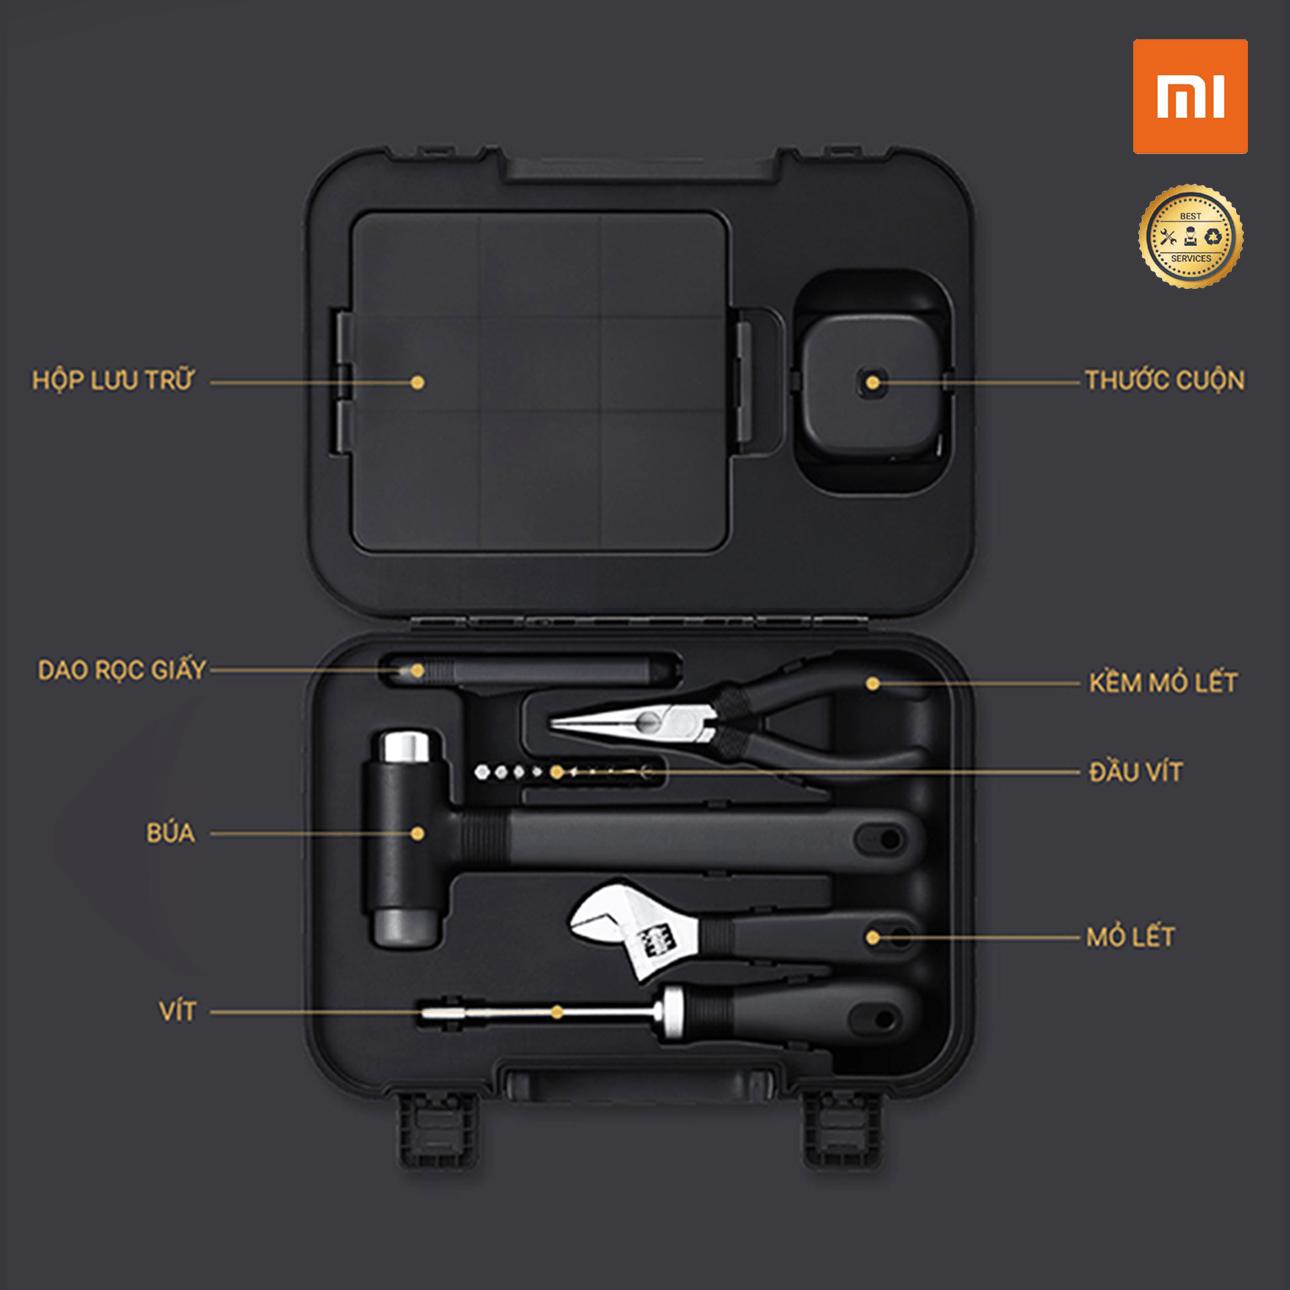 Bộ Dụng Cụ Sửa Chữa Nhà 17 Món MWTK01 Xiaomi Miwu Toolbox Siêu Ưu Đãi tại Lazada